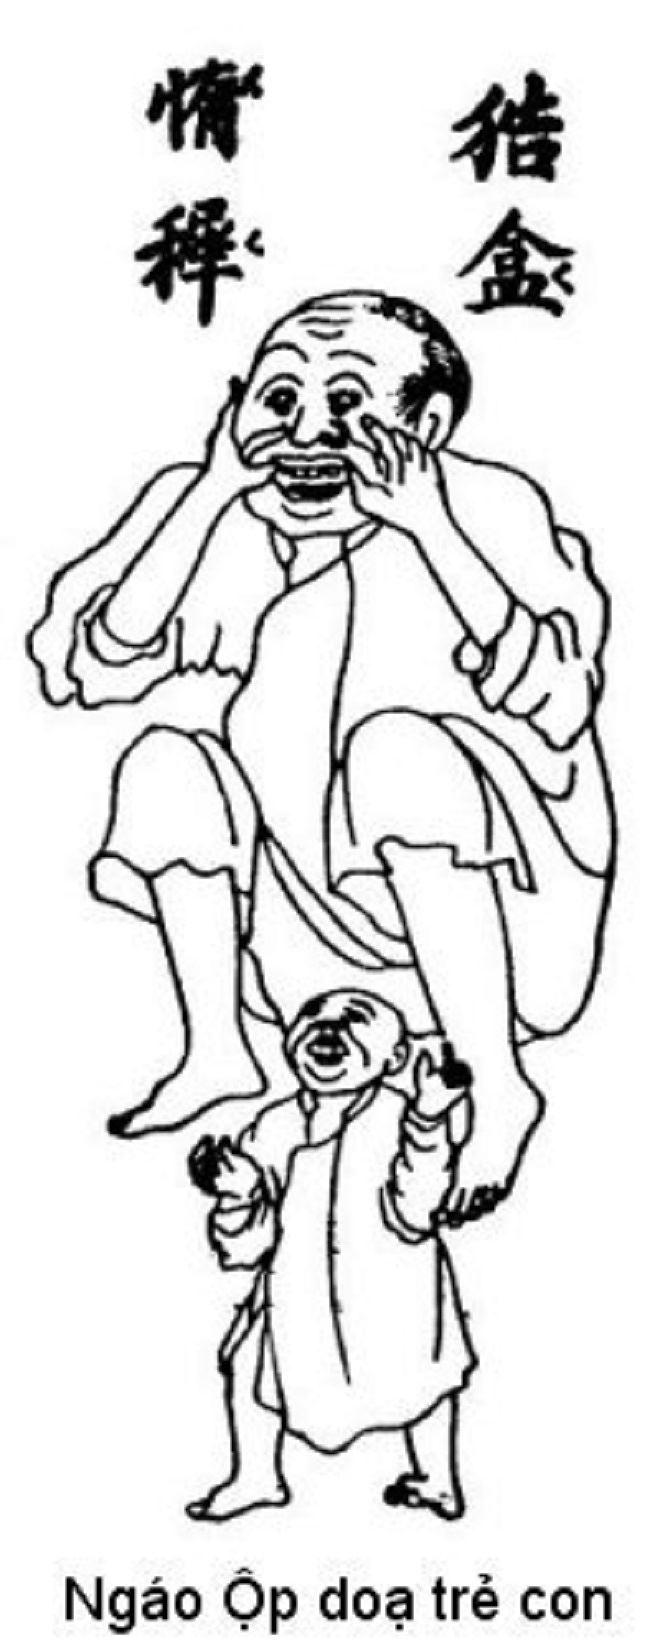 Ngáo Ộp (Hình minh họa).